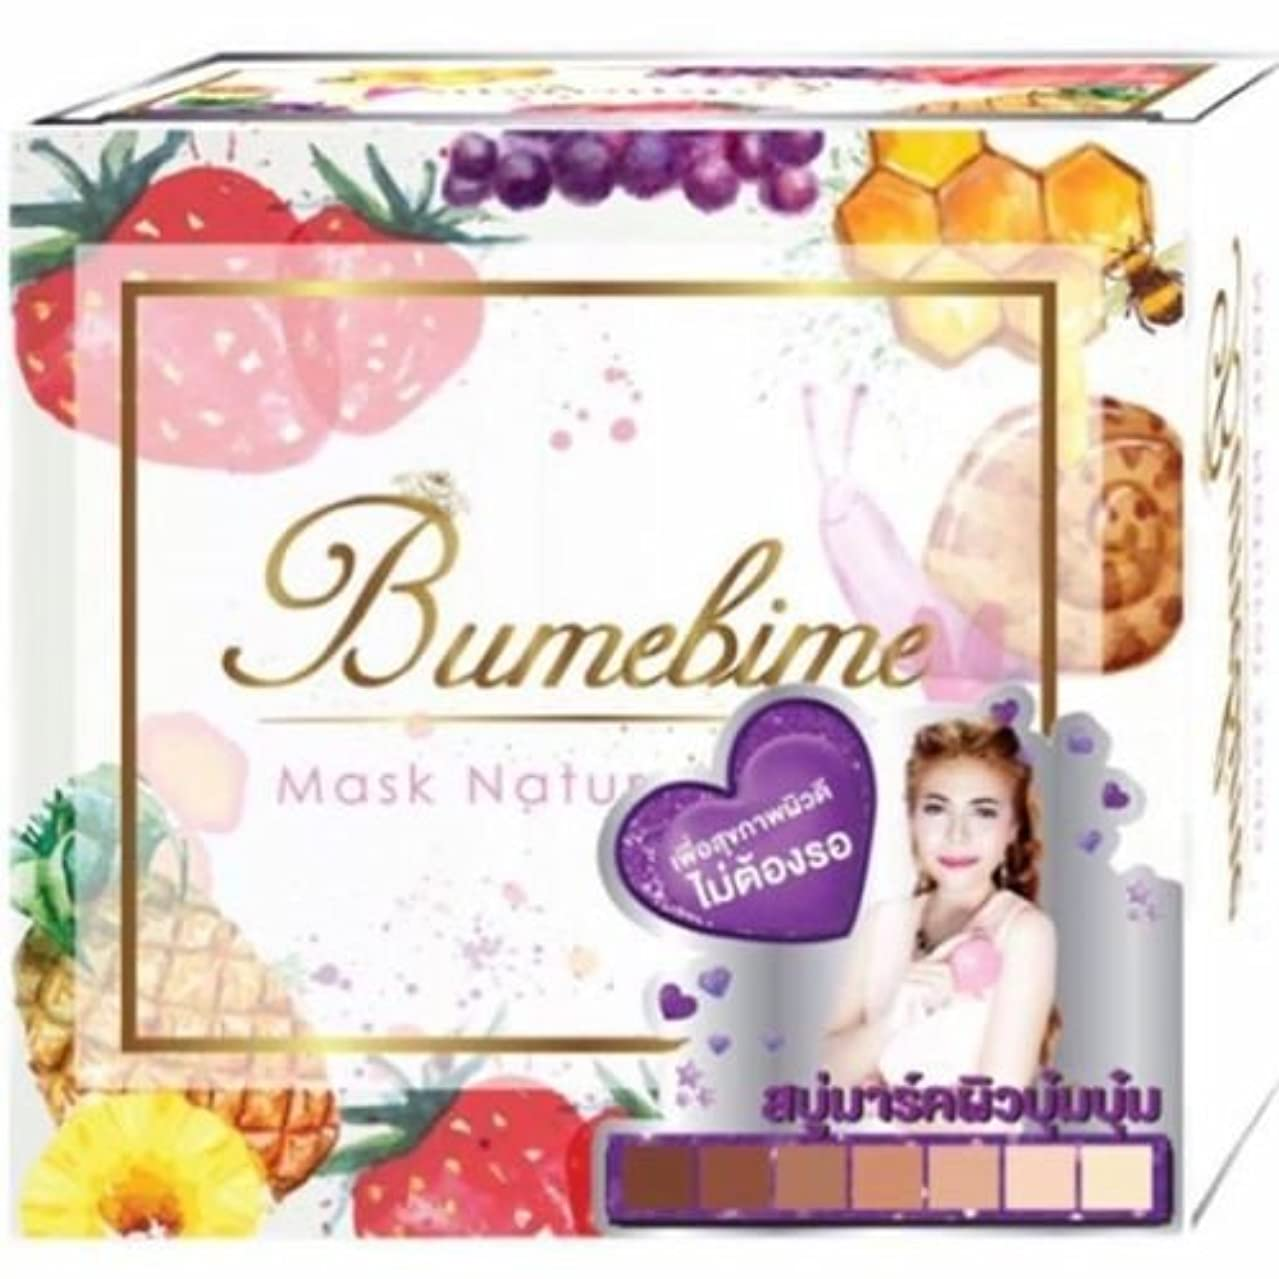 ロッジシットコム定期的な(1 x 100 g) bumebimeマスクNatural SoapスキンボディWhitening byトリプルW Shop